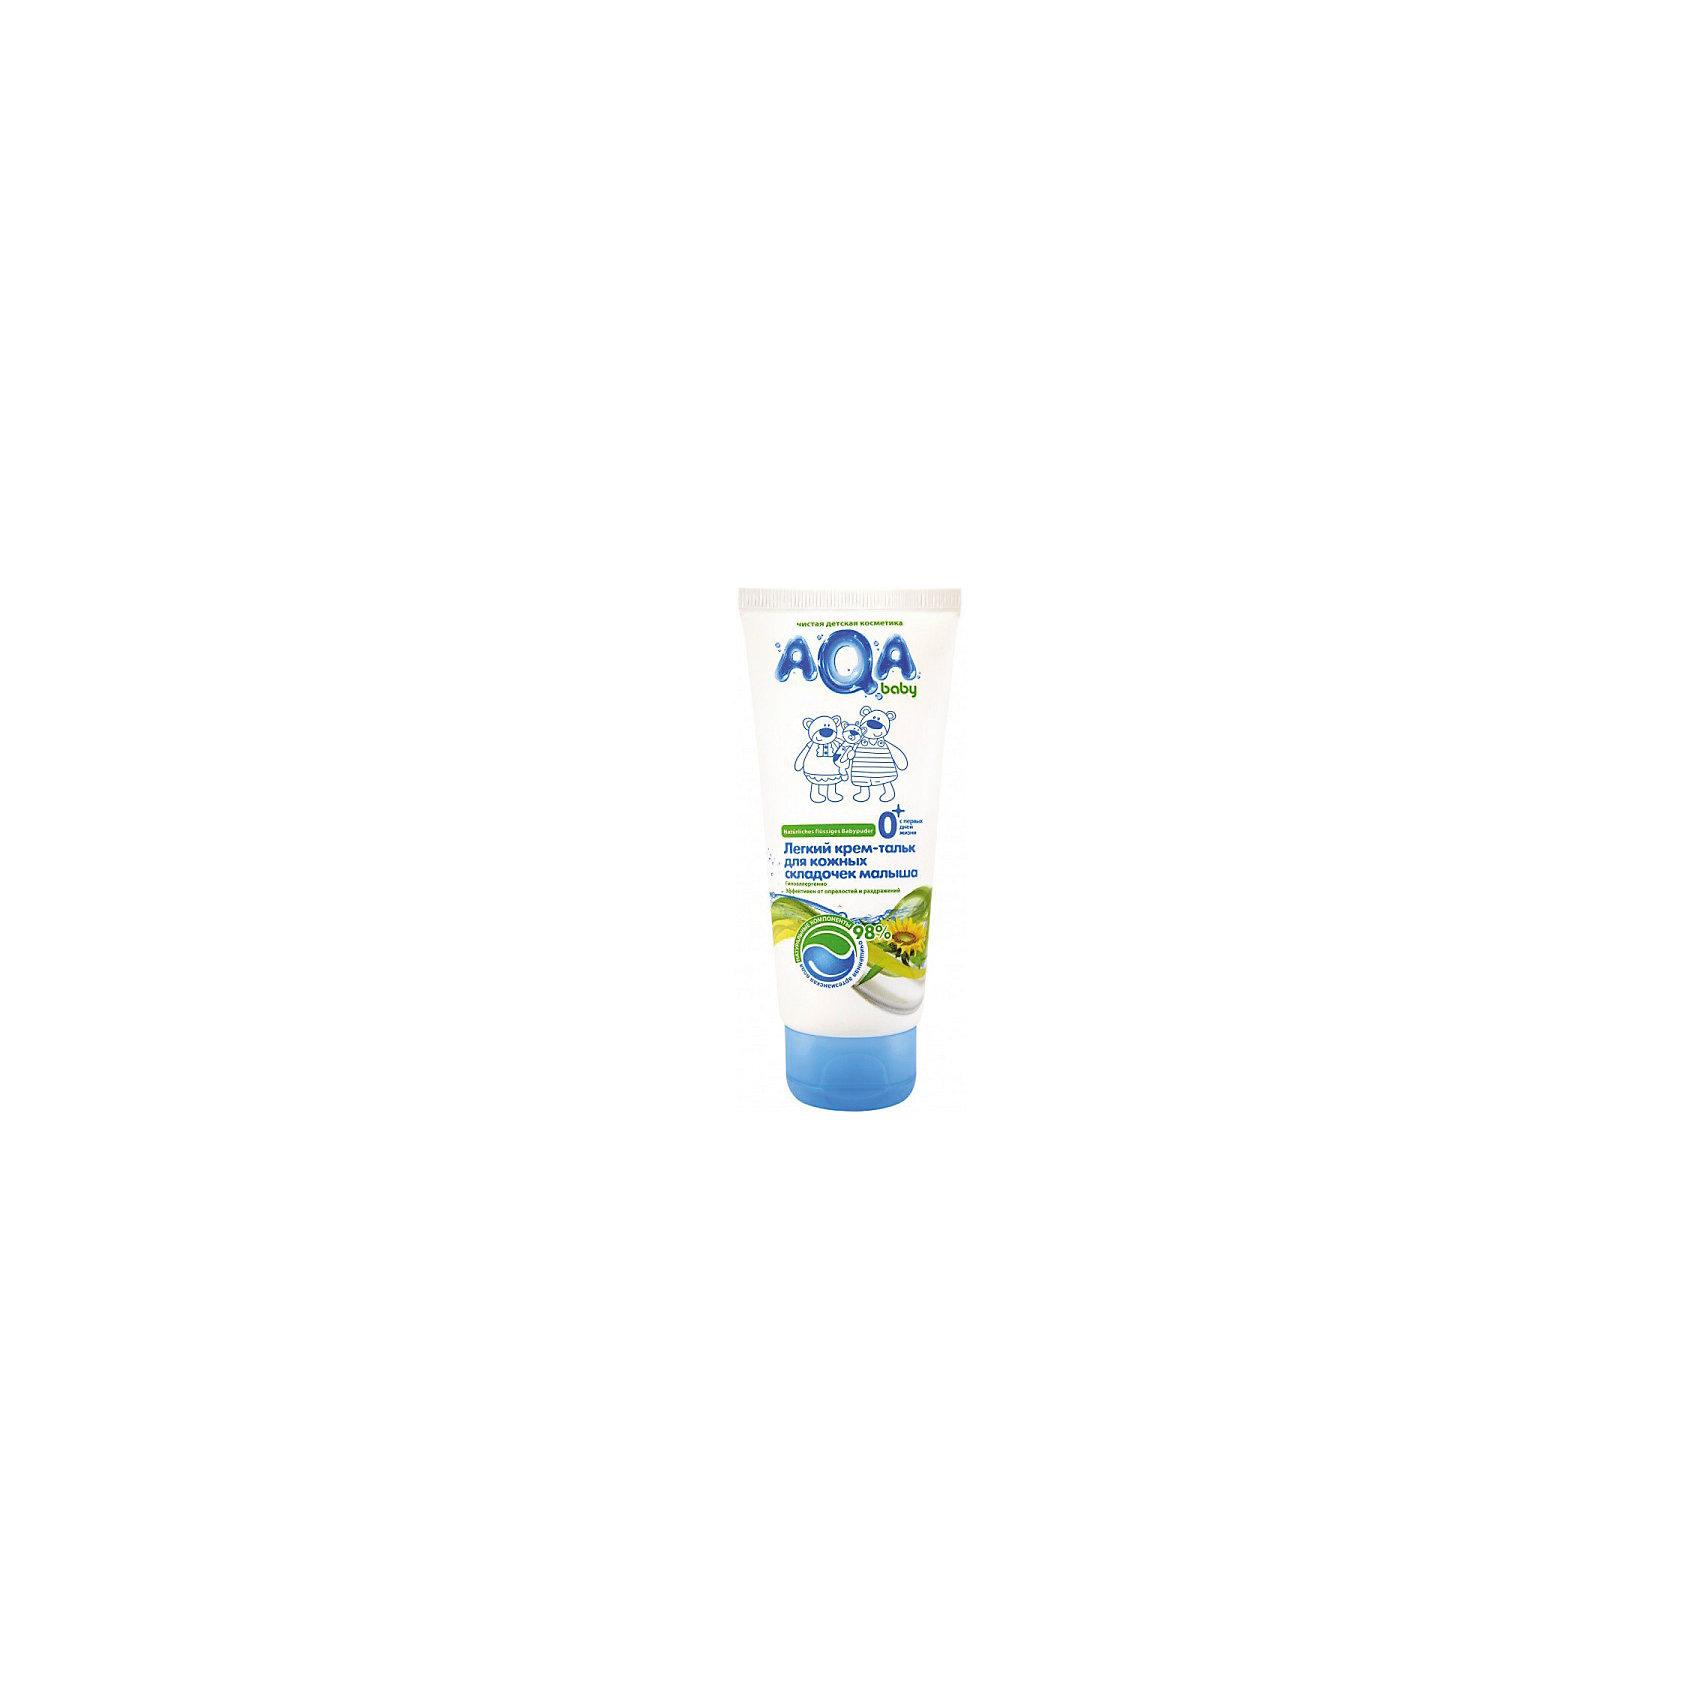 Легкий крем-тальк для кожных складочек малыша, AQA babyКосметика для младенцев<br>БЕЗ: парабенов, феноксиэтанола, минерального масла, силиконов, галогенопроизводных компонентов. 98% компонентов имеют сертификаты ECOCERT или COSMOS<br>Разработан специально для защиты кожи малыша в особо нежных местах<br>В состав входит растительная пудра (натуральный крахмал тапиоки) – мягко впитывает излишнюю влагу и усиливает естественную защиту кожи<br>Не нарушает кожного дыхания<br>БЕЗ: парабенов, феноксиэтанола, минерального масла, силиконов, галогенопроизводных компонентов<br>Гипоаллергенно<br>Объём: 100 мл<br><br>Ширина мм: 143<br>Глубина мм: 500<br>Высота мм: 60<br>Вес г: 420<br>Возраст от месяцев: 0<br>Возраст до месяцев: 36<br>Пол: Унисекс<br>Возраст: Детский<br>SKU: 4729823